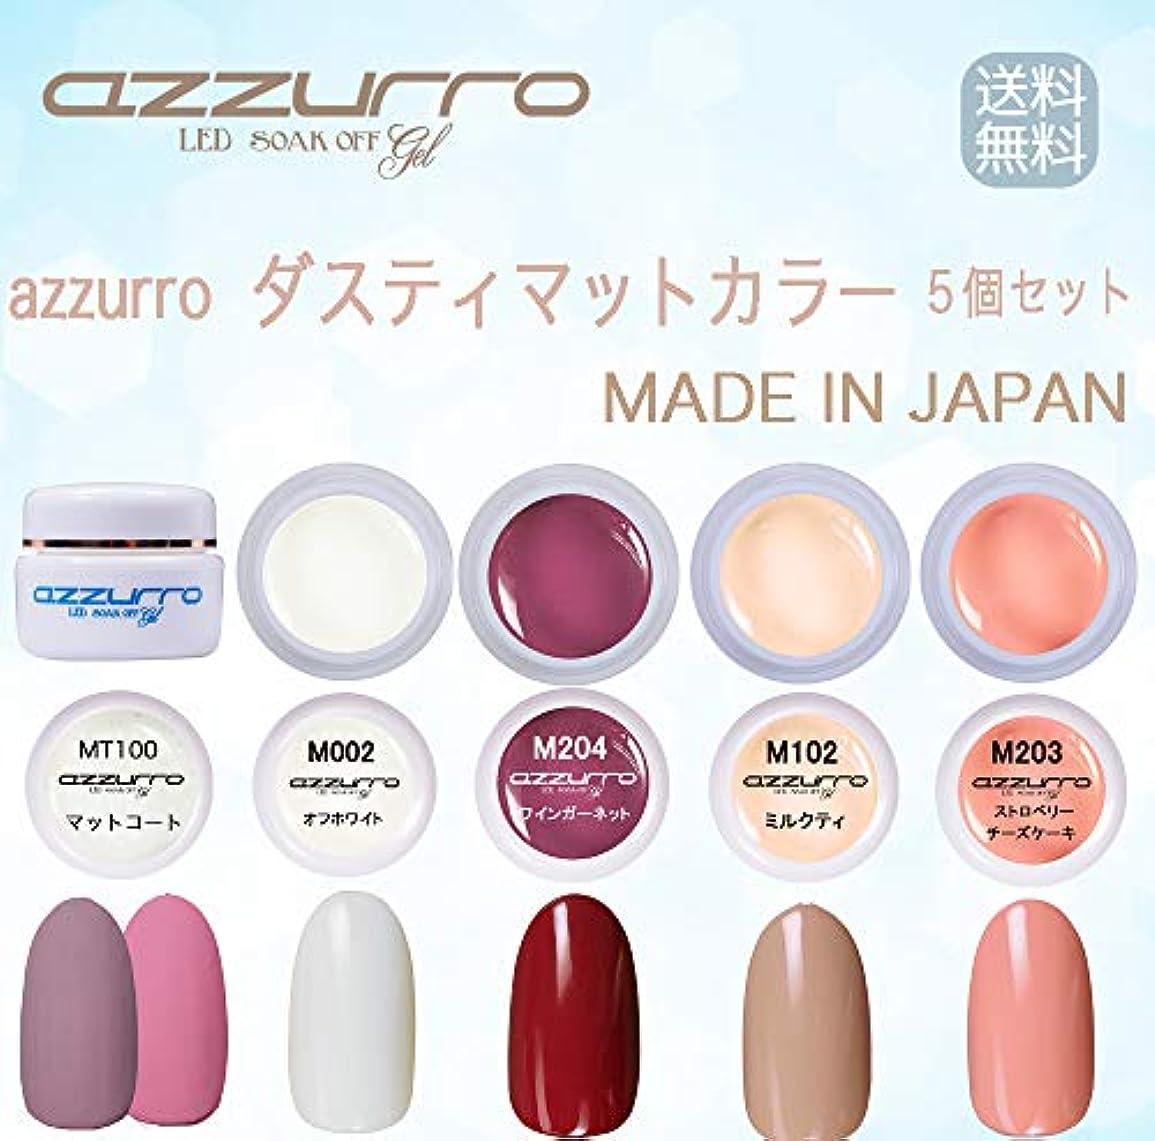 十分剃るオプショナル【送料無料】日本製 azzurro gel ダスティマットカラージェル5個セット 春ネイルにぴったりなダスティなマットカラー